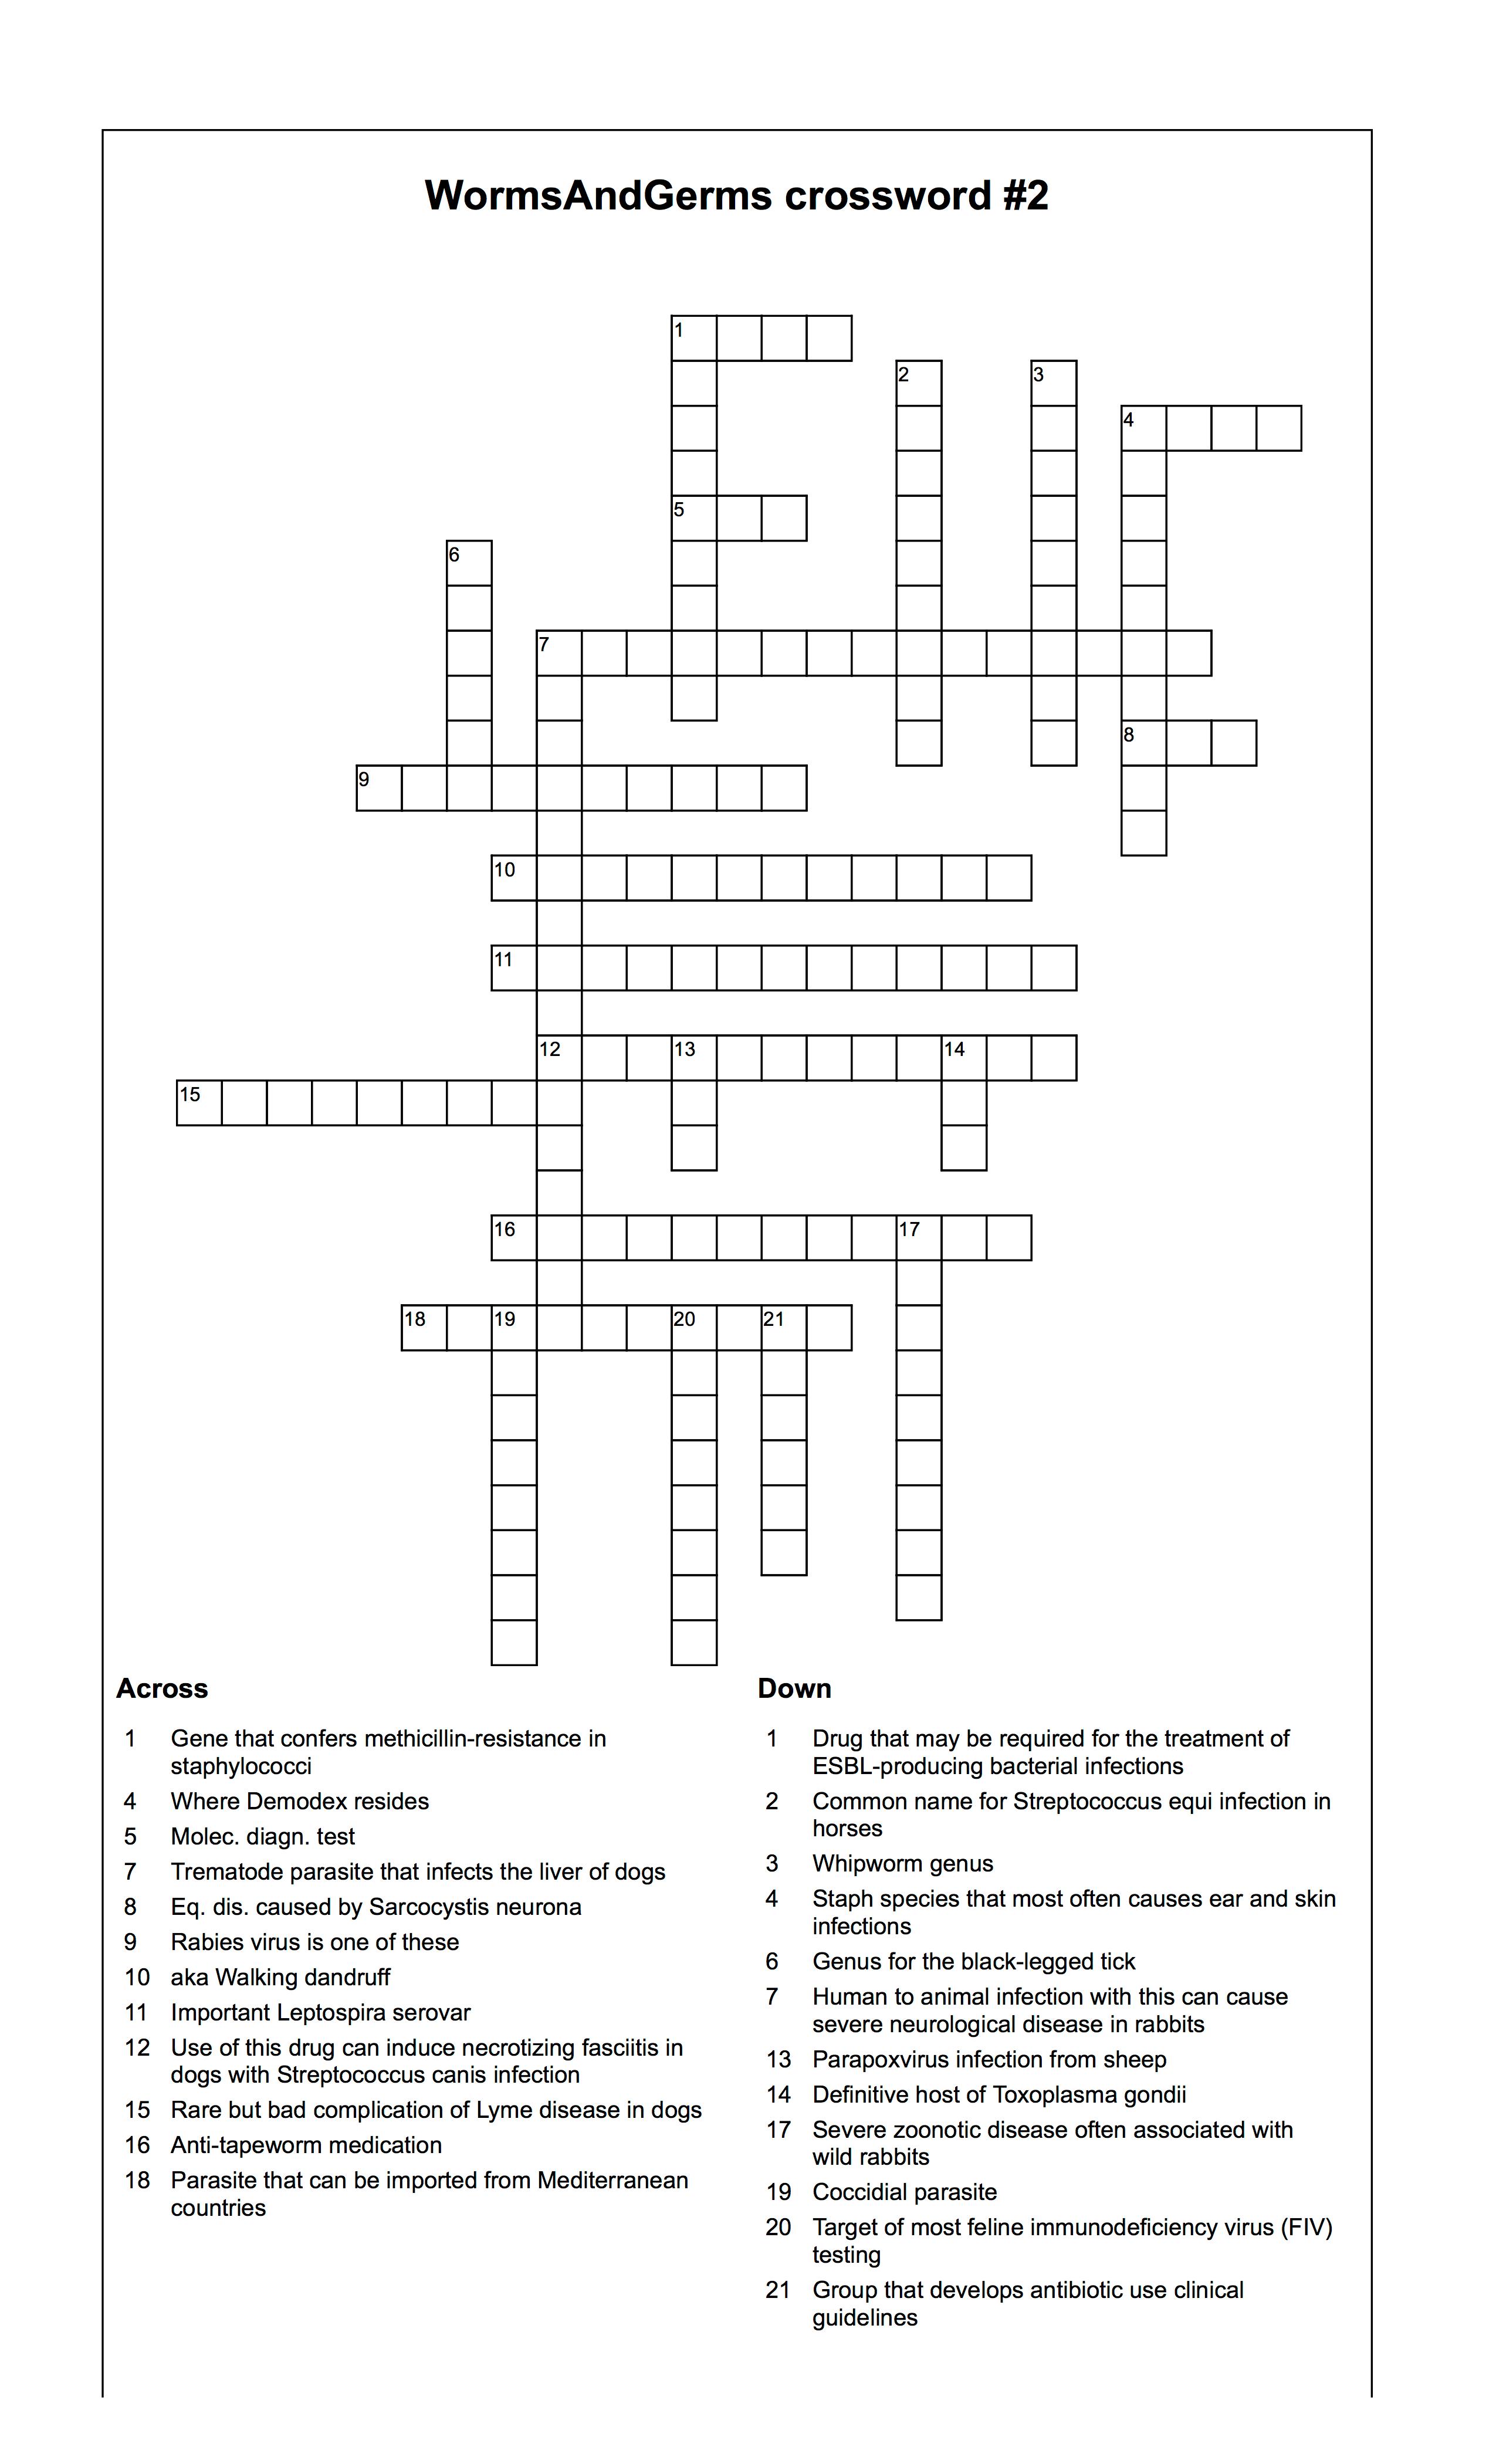 Crossword 2